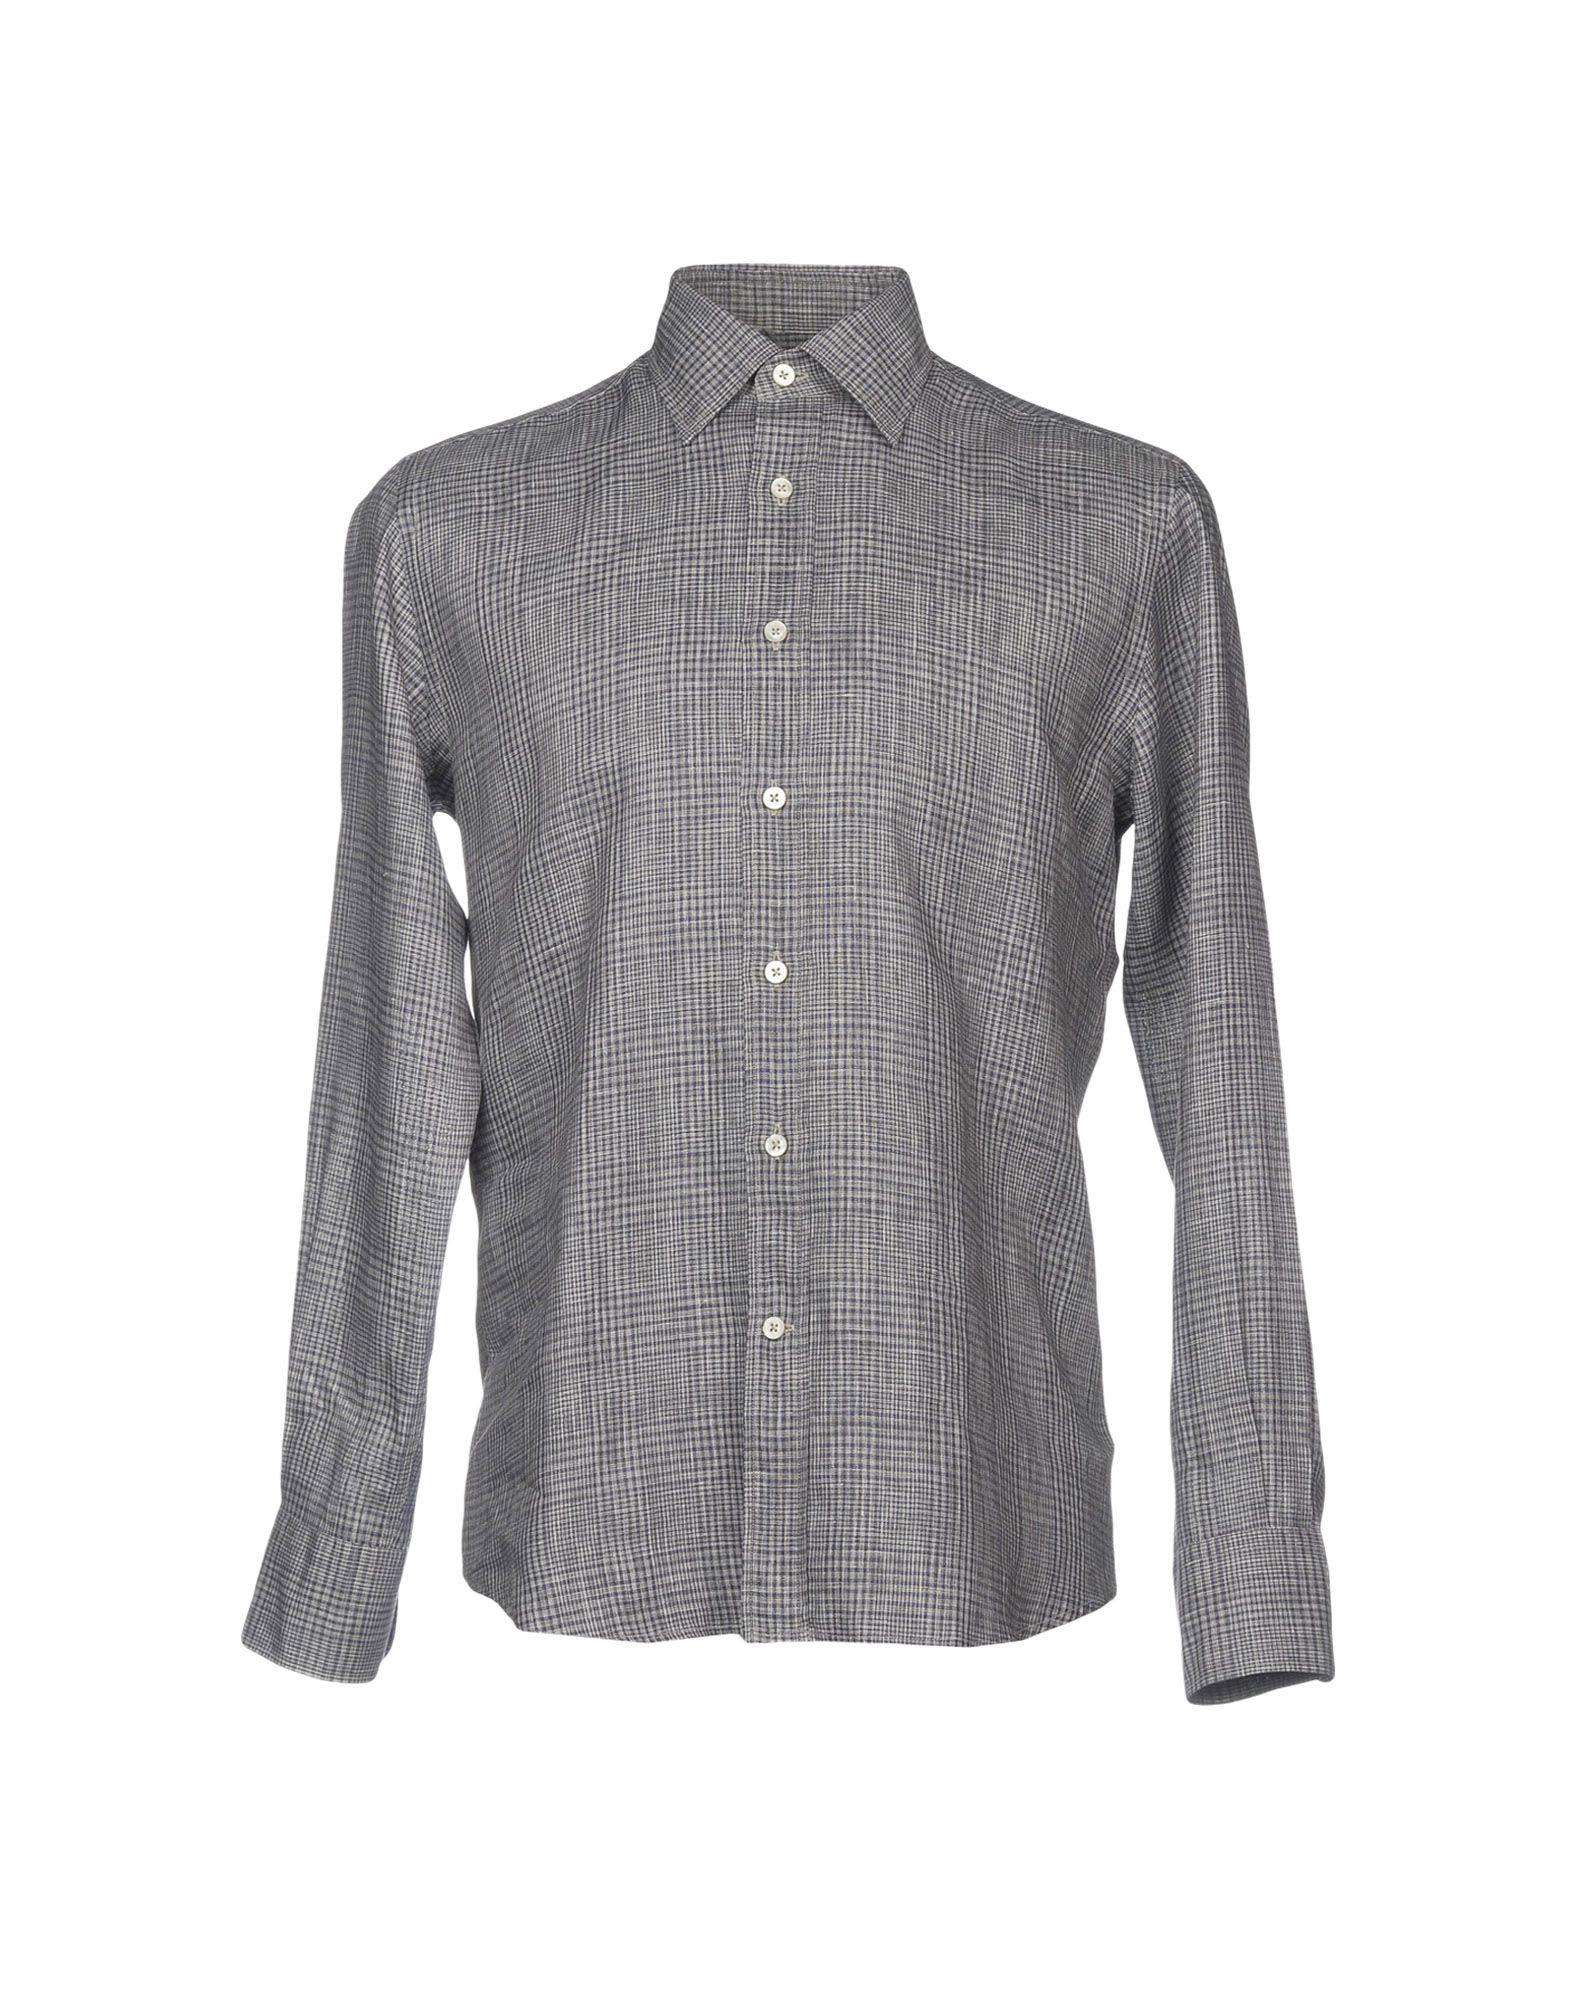 《送料無料》CANALI メンズ シャツ グレー M 麻 100%